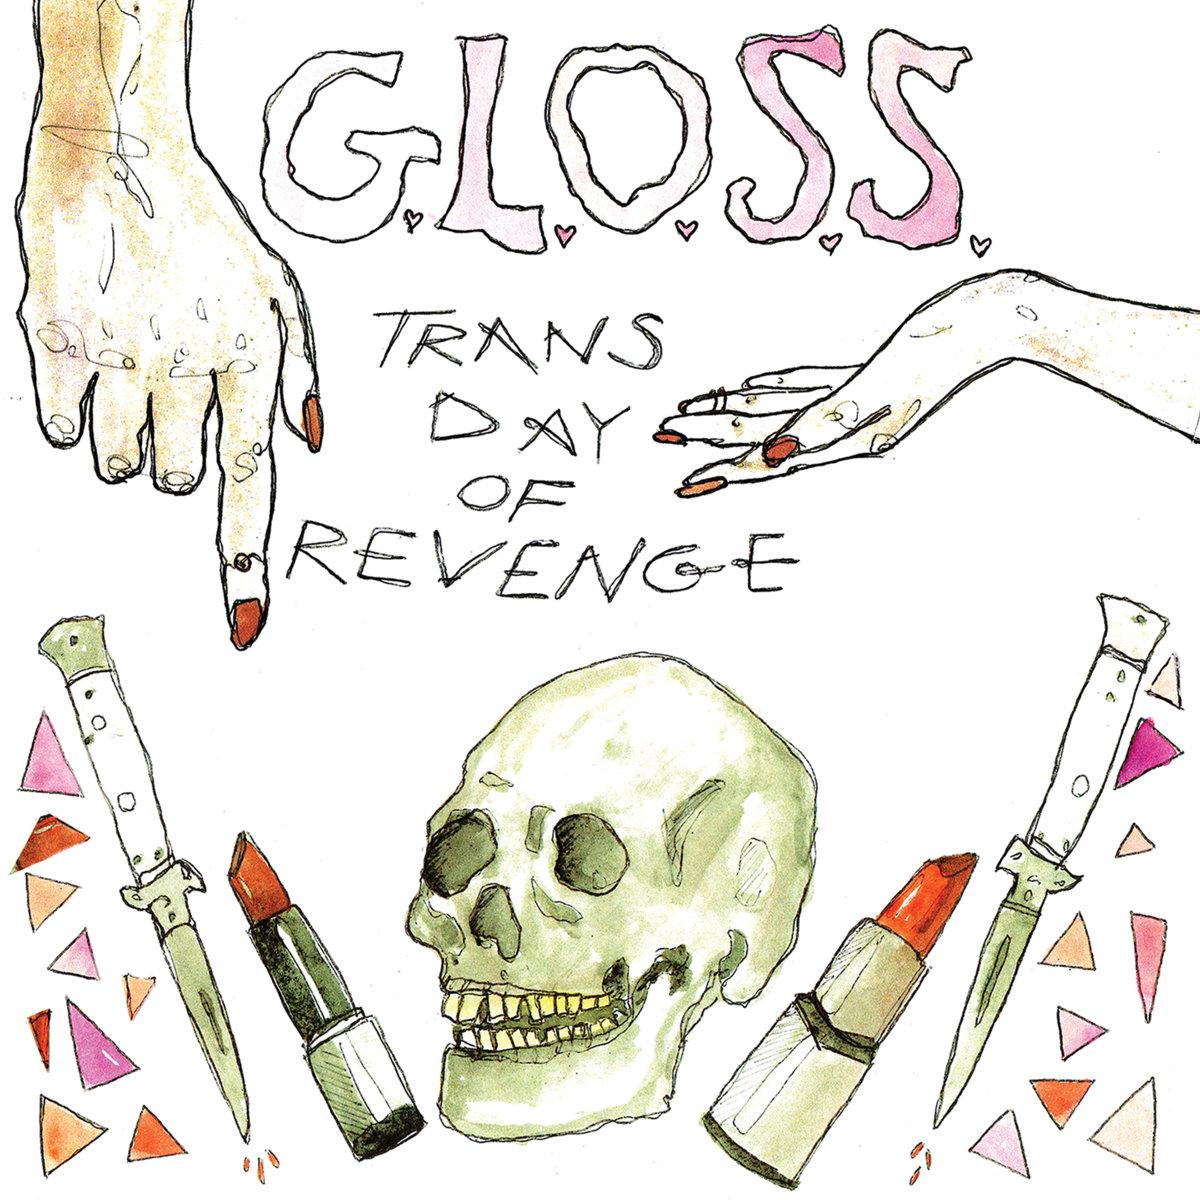 G.L.O.S.S. - Trans Day of Revenge EP